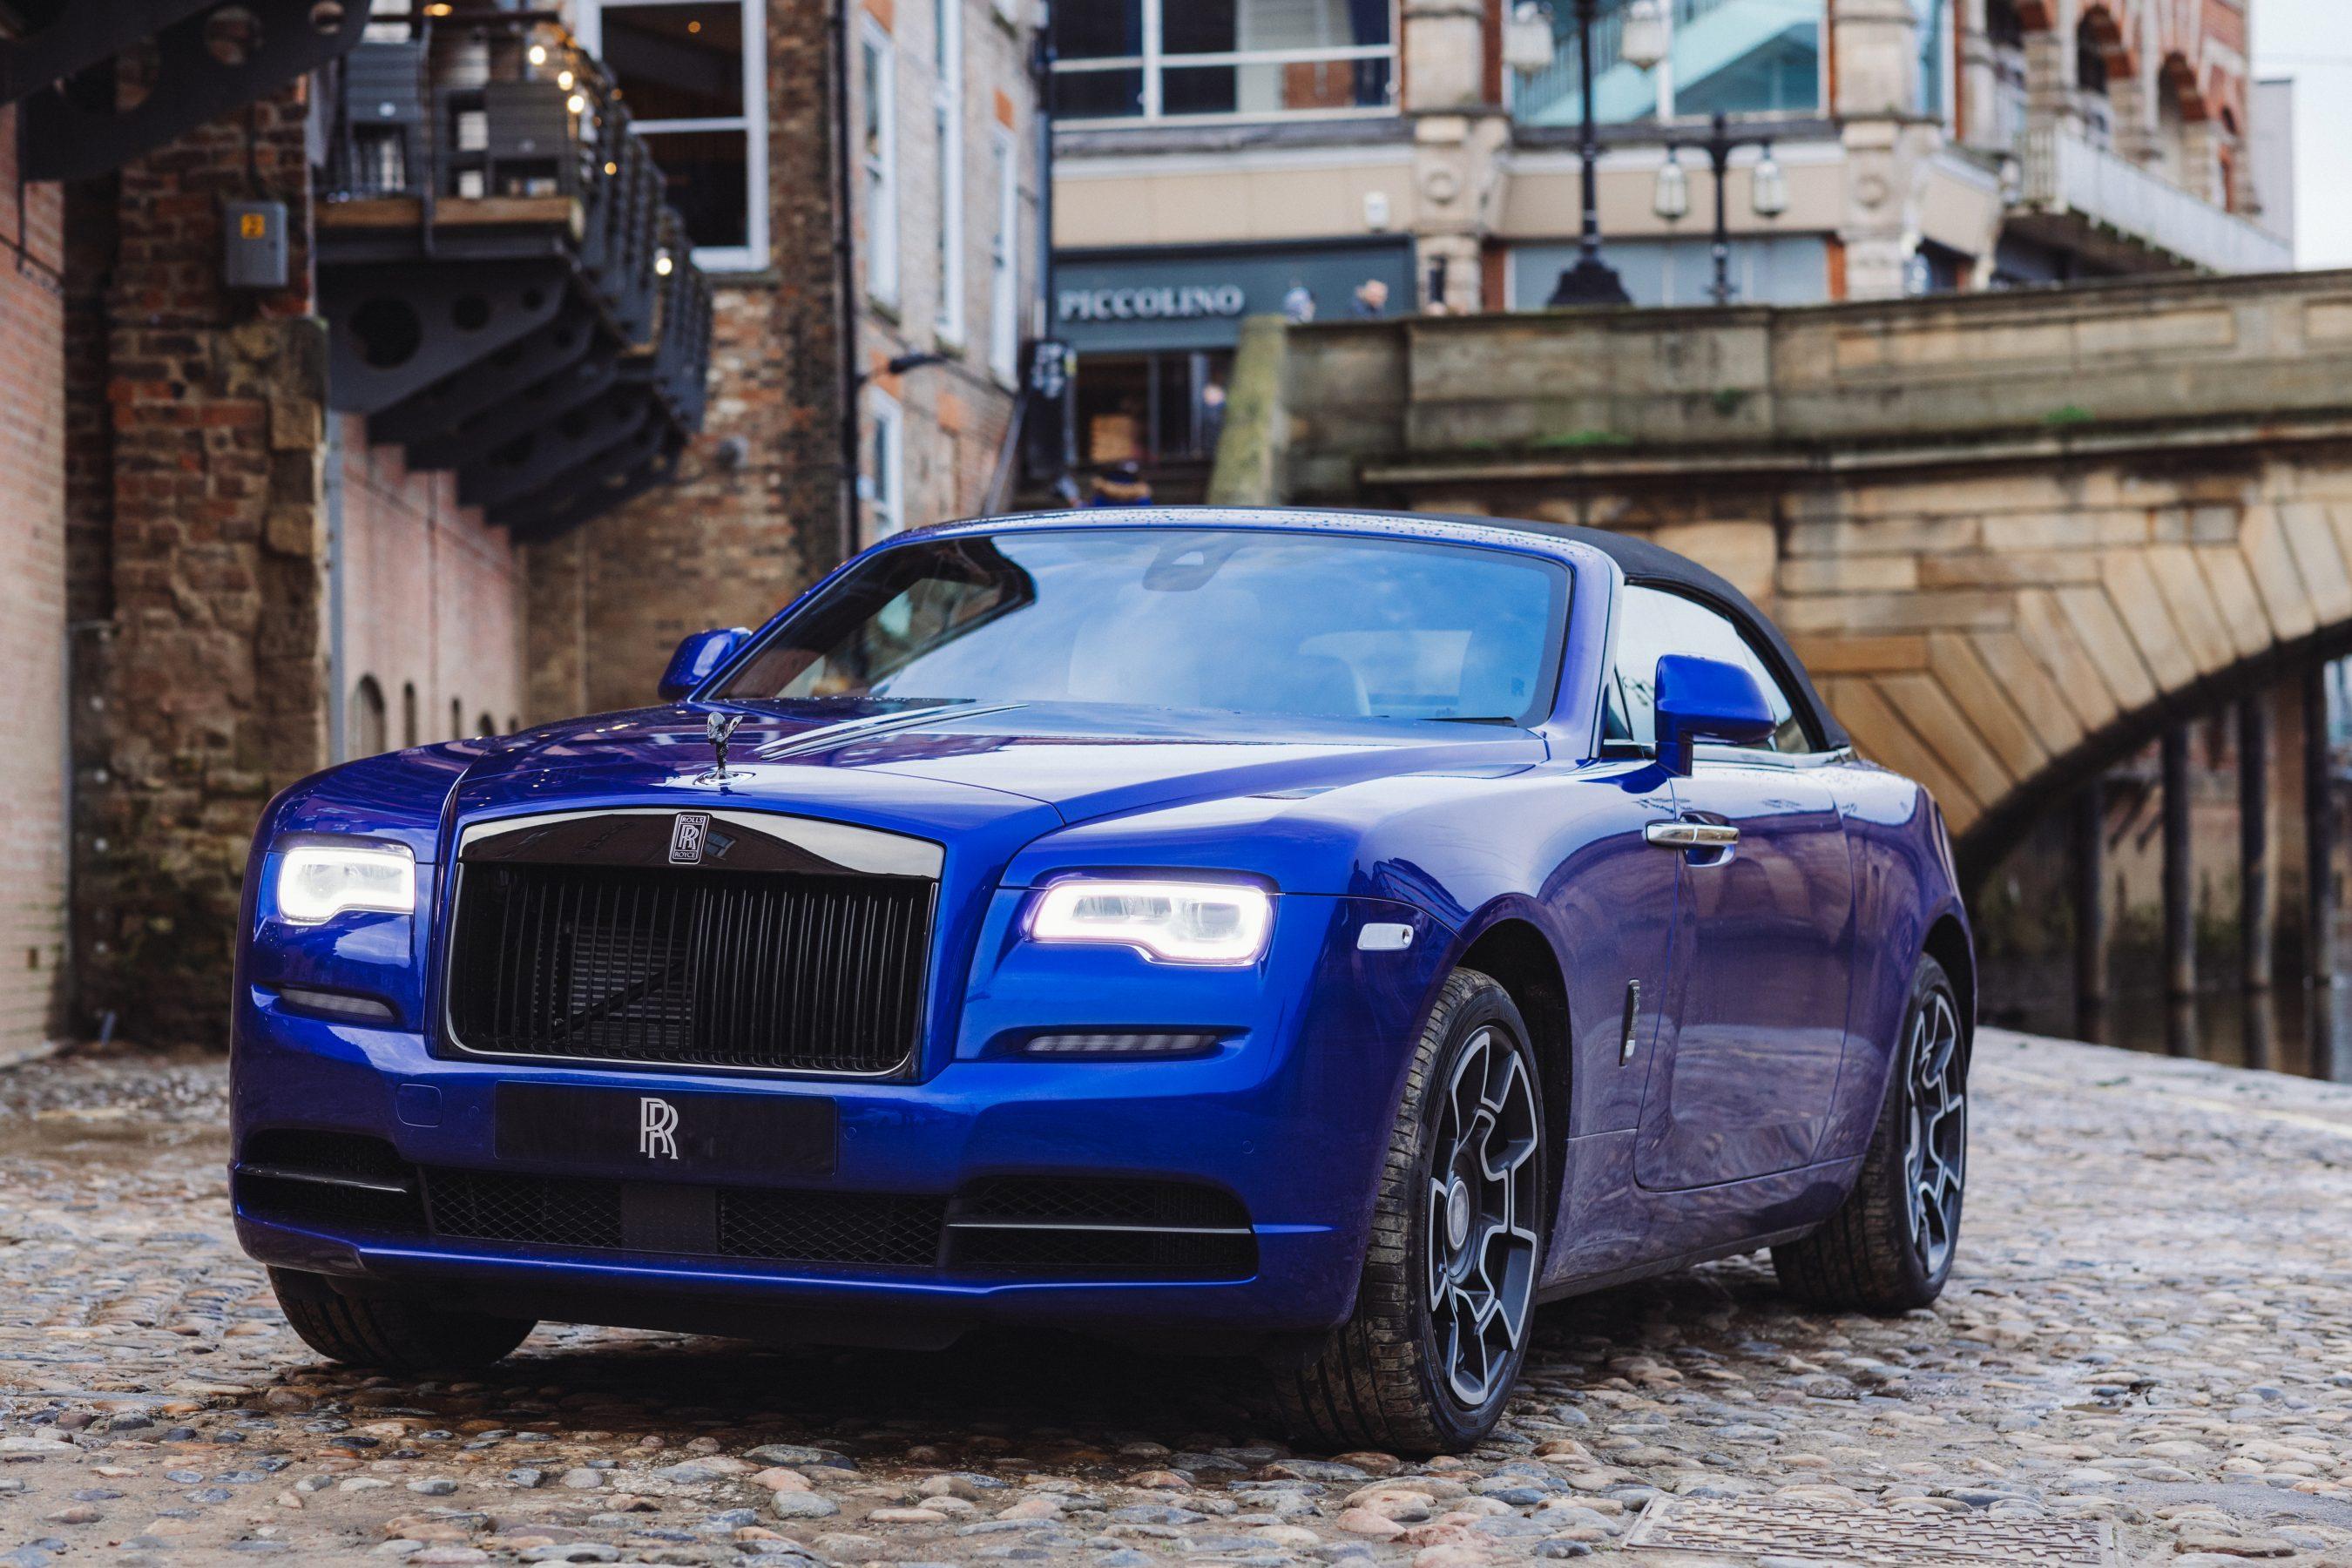 Rolls-Royce_Motors_Cars_Leeds_YFW20_1